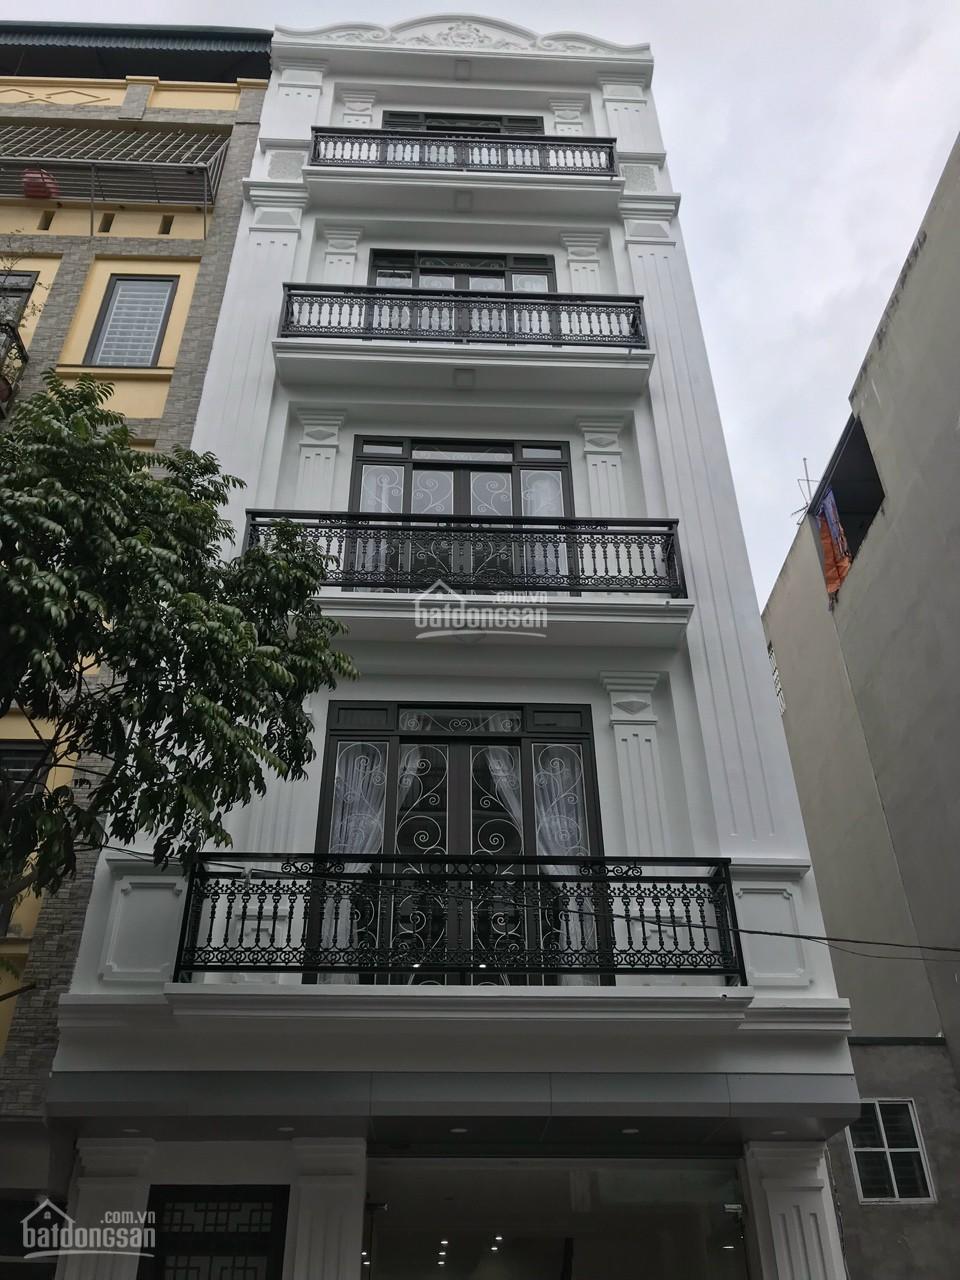 Liền kề đẹp nhất Văn Khê - Nhỉnh 7 tỷ * 5T, kinh doanh - hạ tầng đỉnh, LH: 0986446774